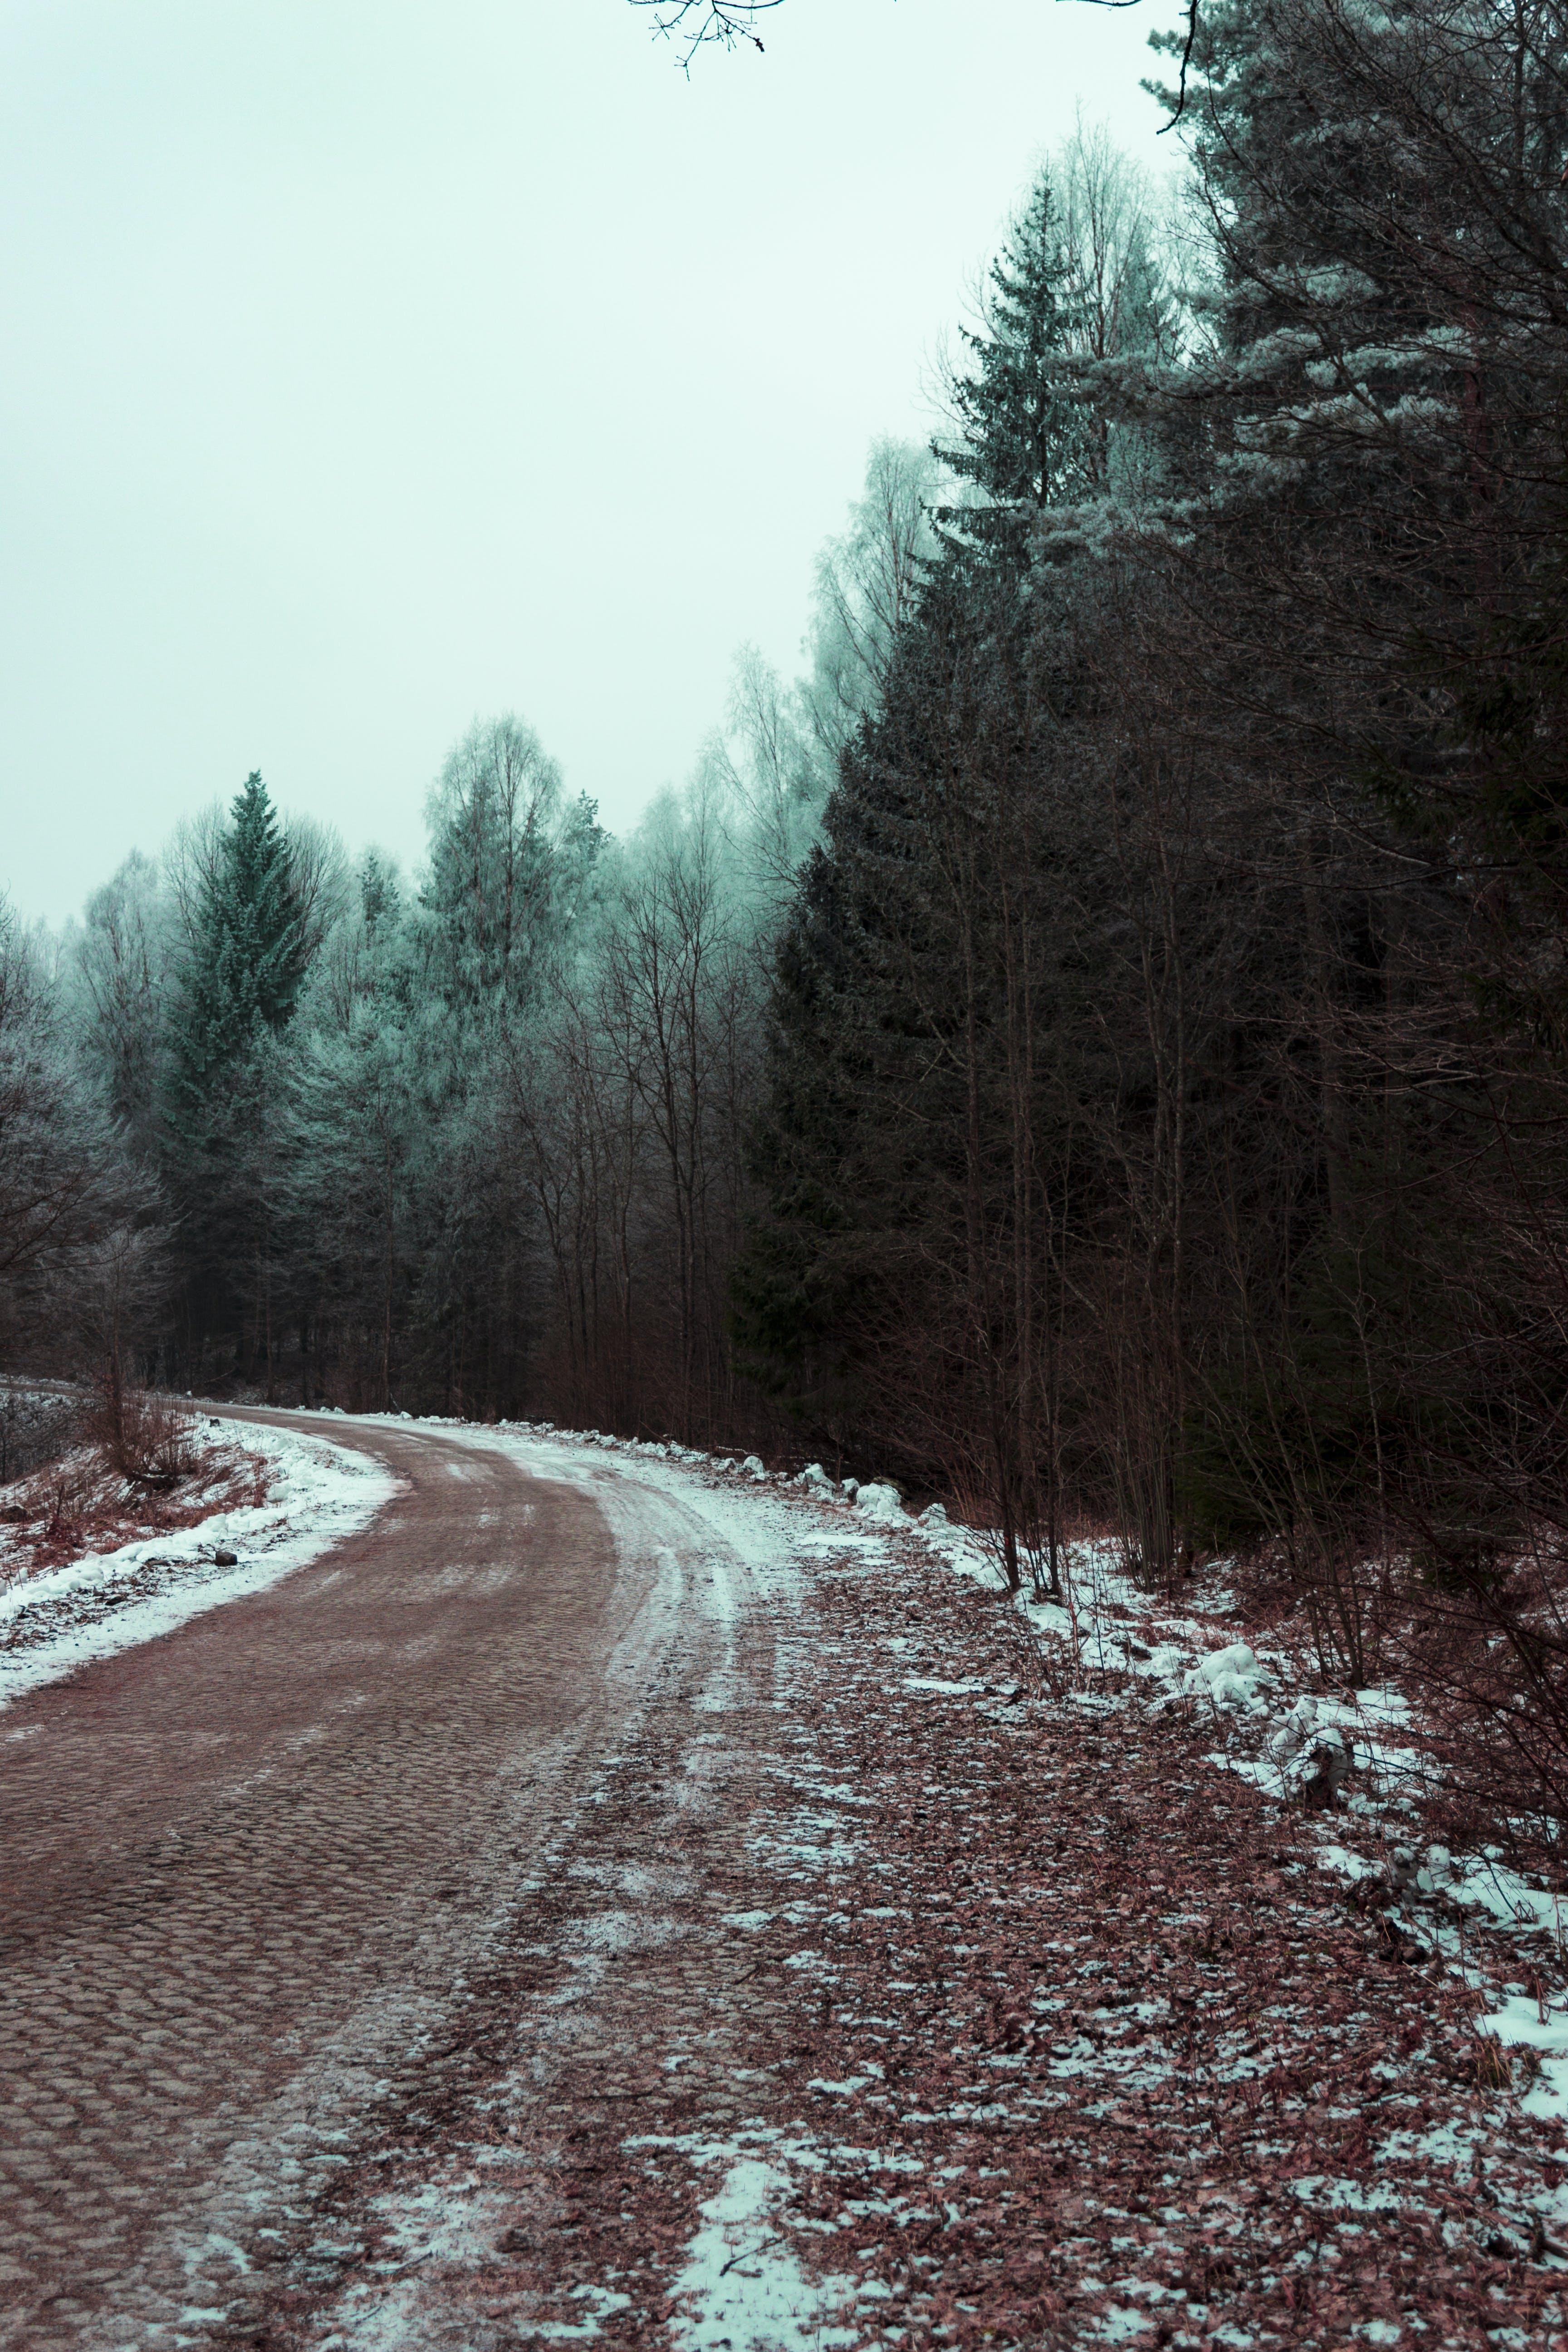 Δωρεάν στοκ φωτογραφιών με γραφικός, δέντρα, δέντρο, δρόμος